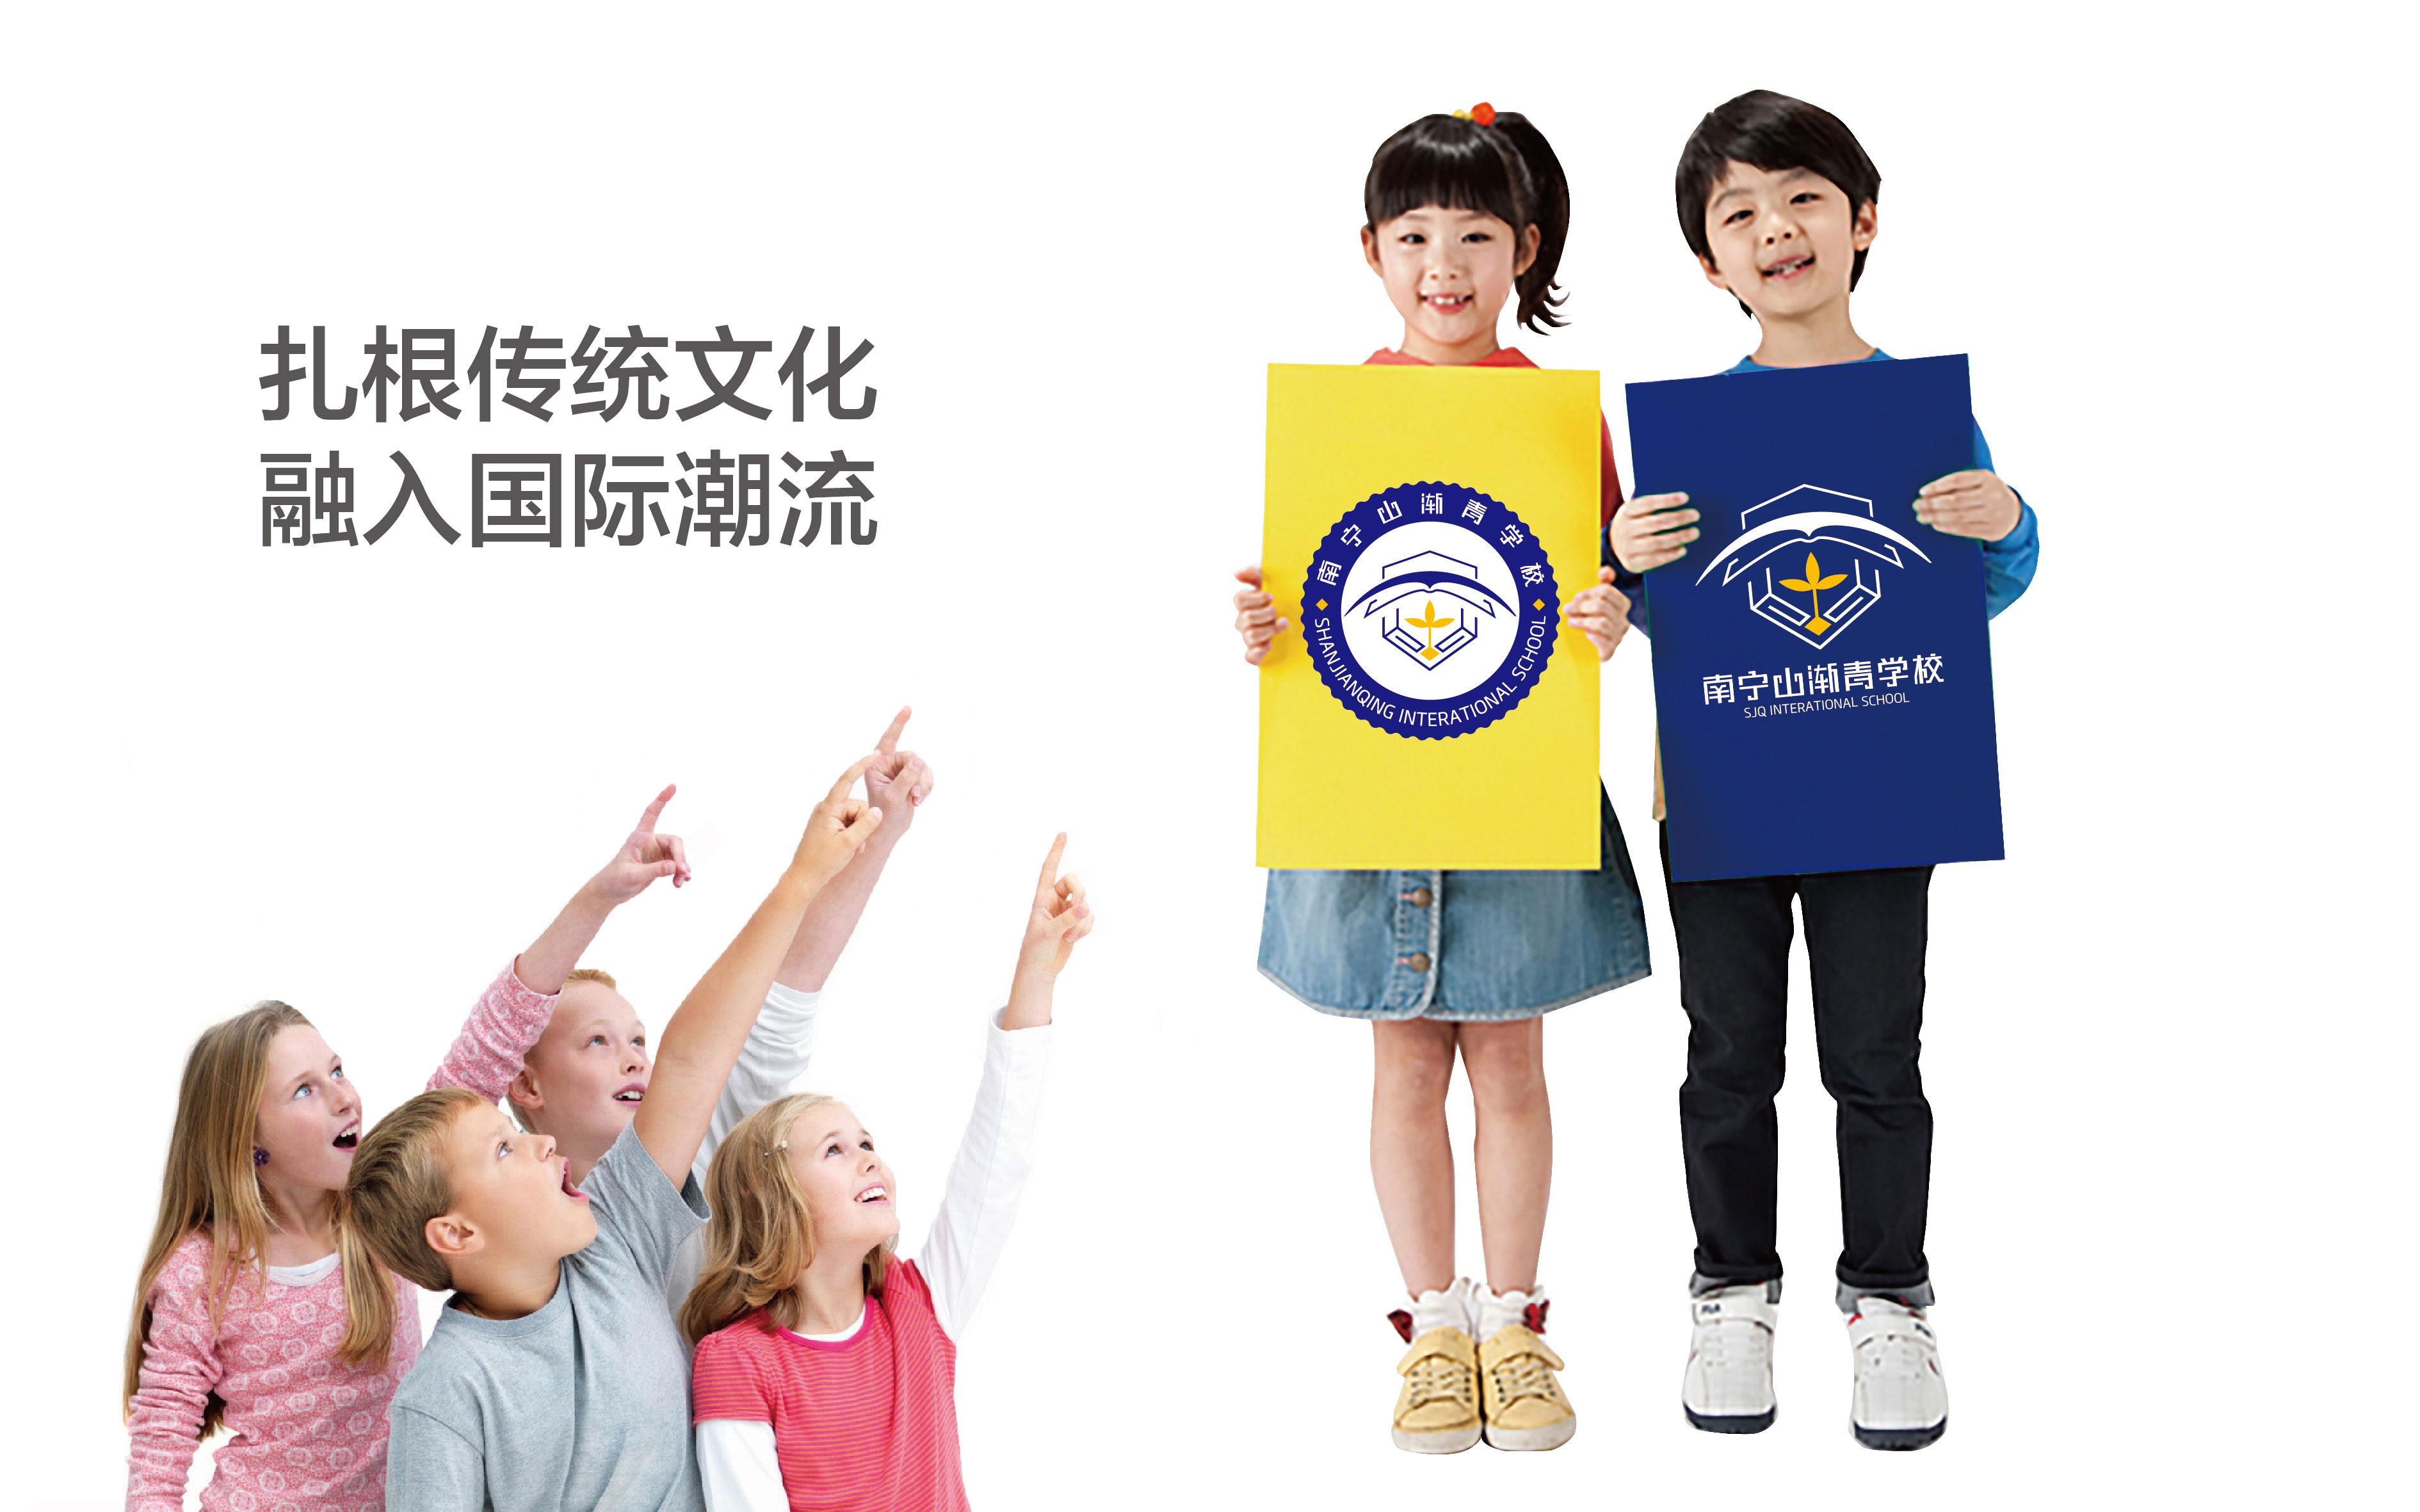 南宁山渐青学校德赢vwin安卓下载形象vwin德赢下载地址,助力学校德赢vwin安卓下载打造。